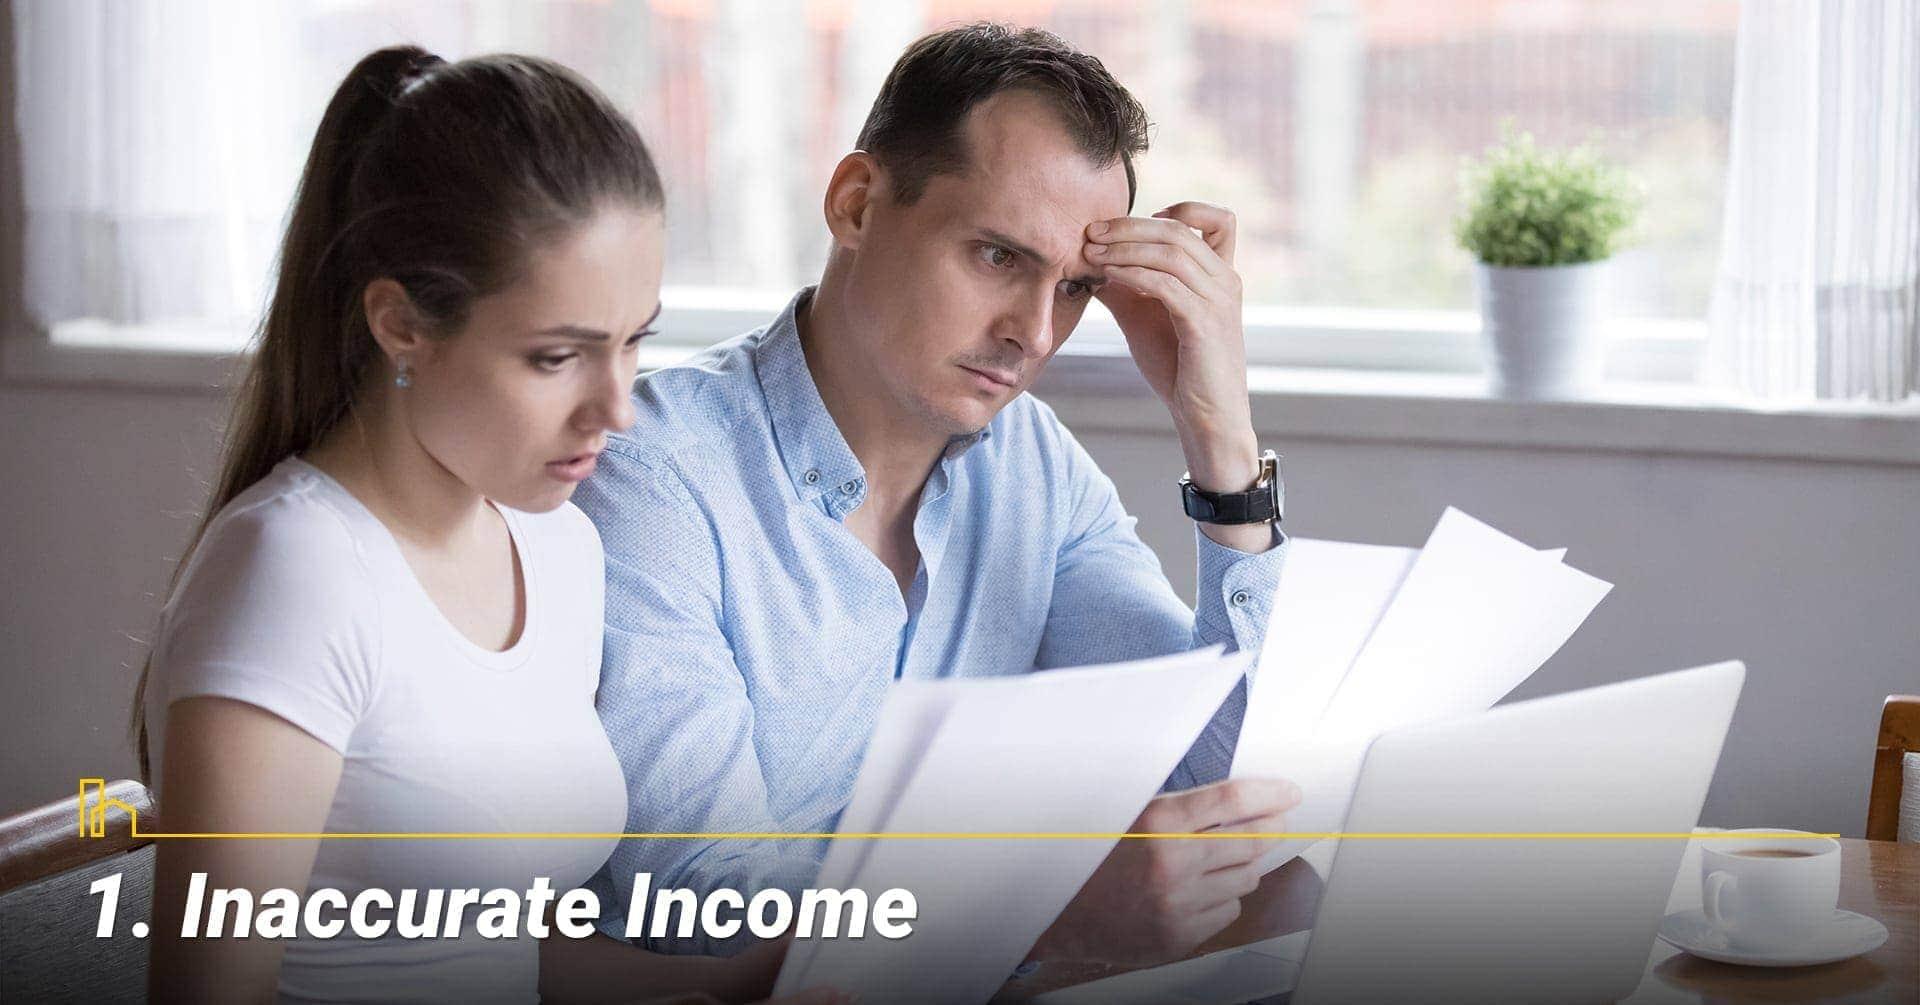 Inaccurate Income